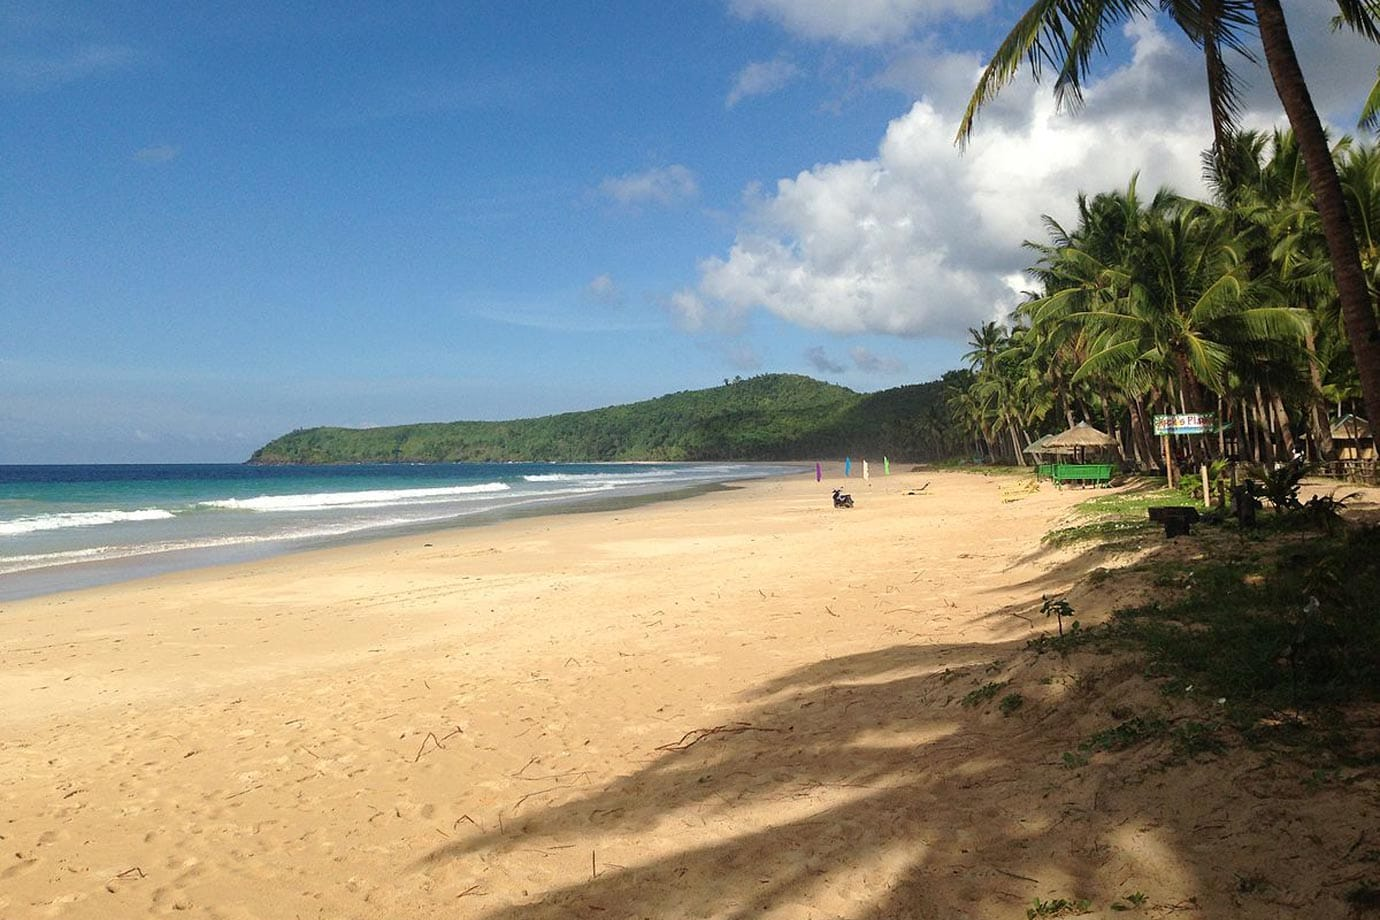 Napcan Beach, El Nido, the Philippines